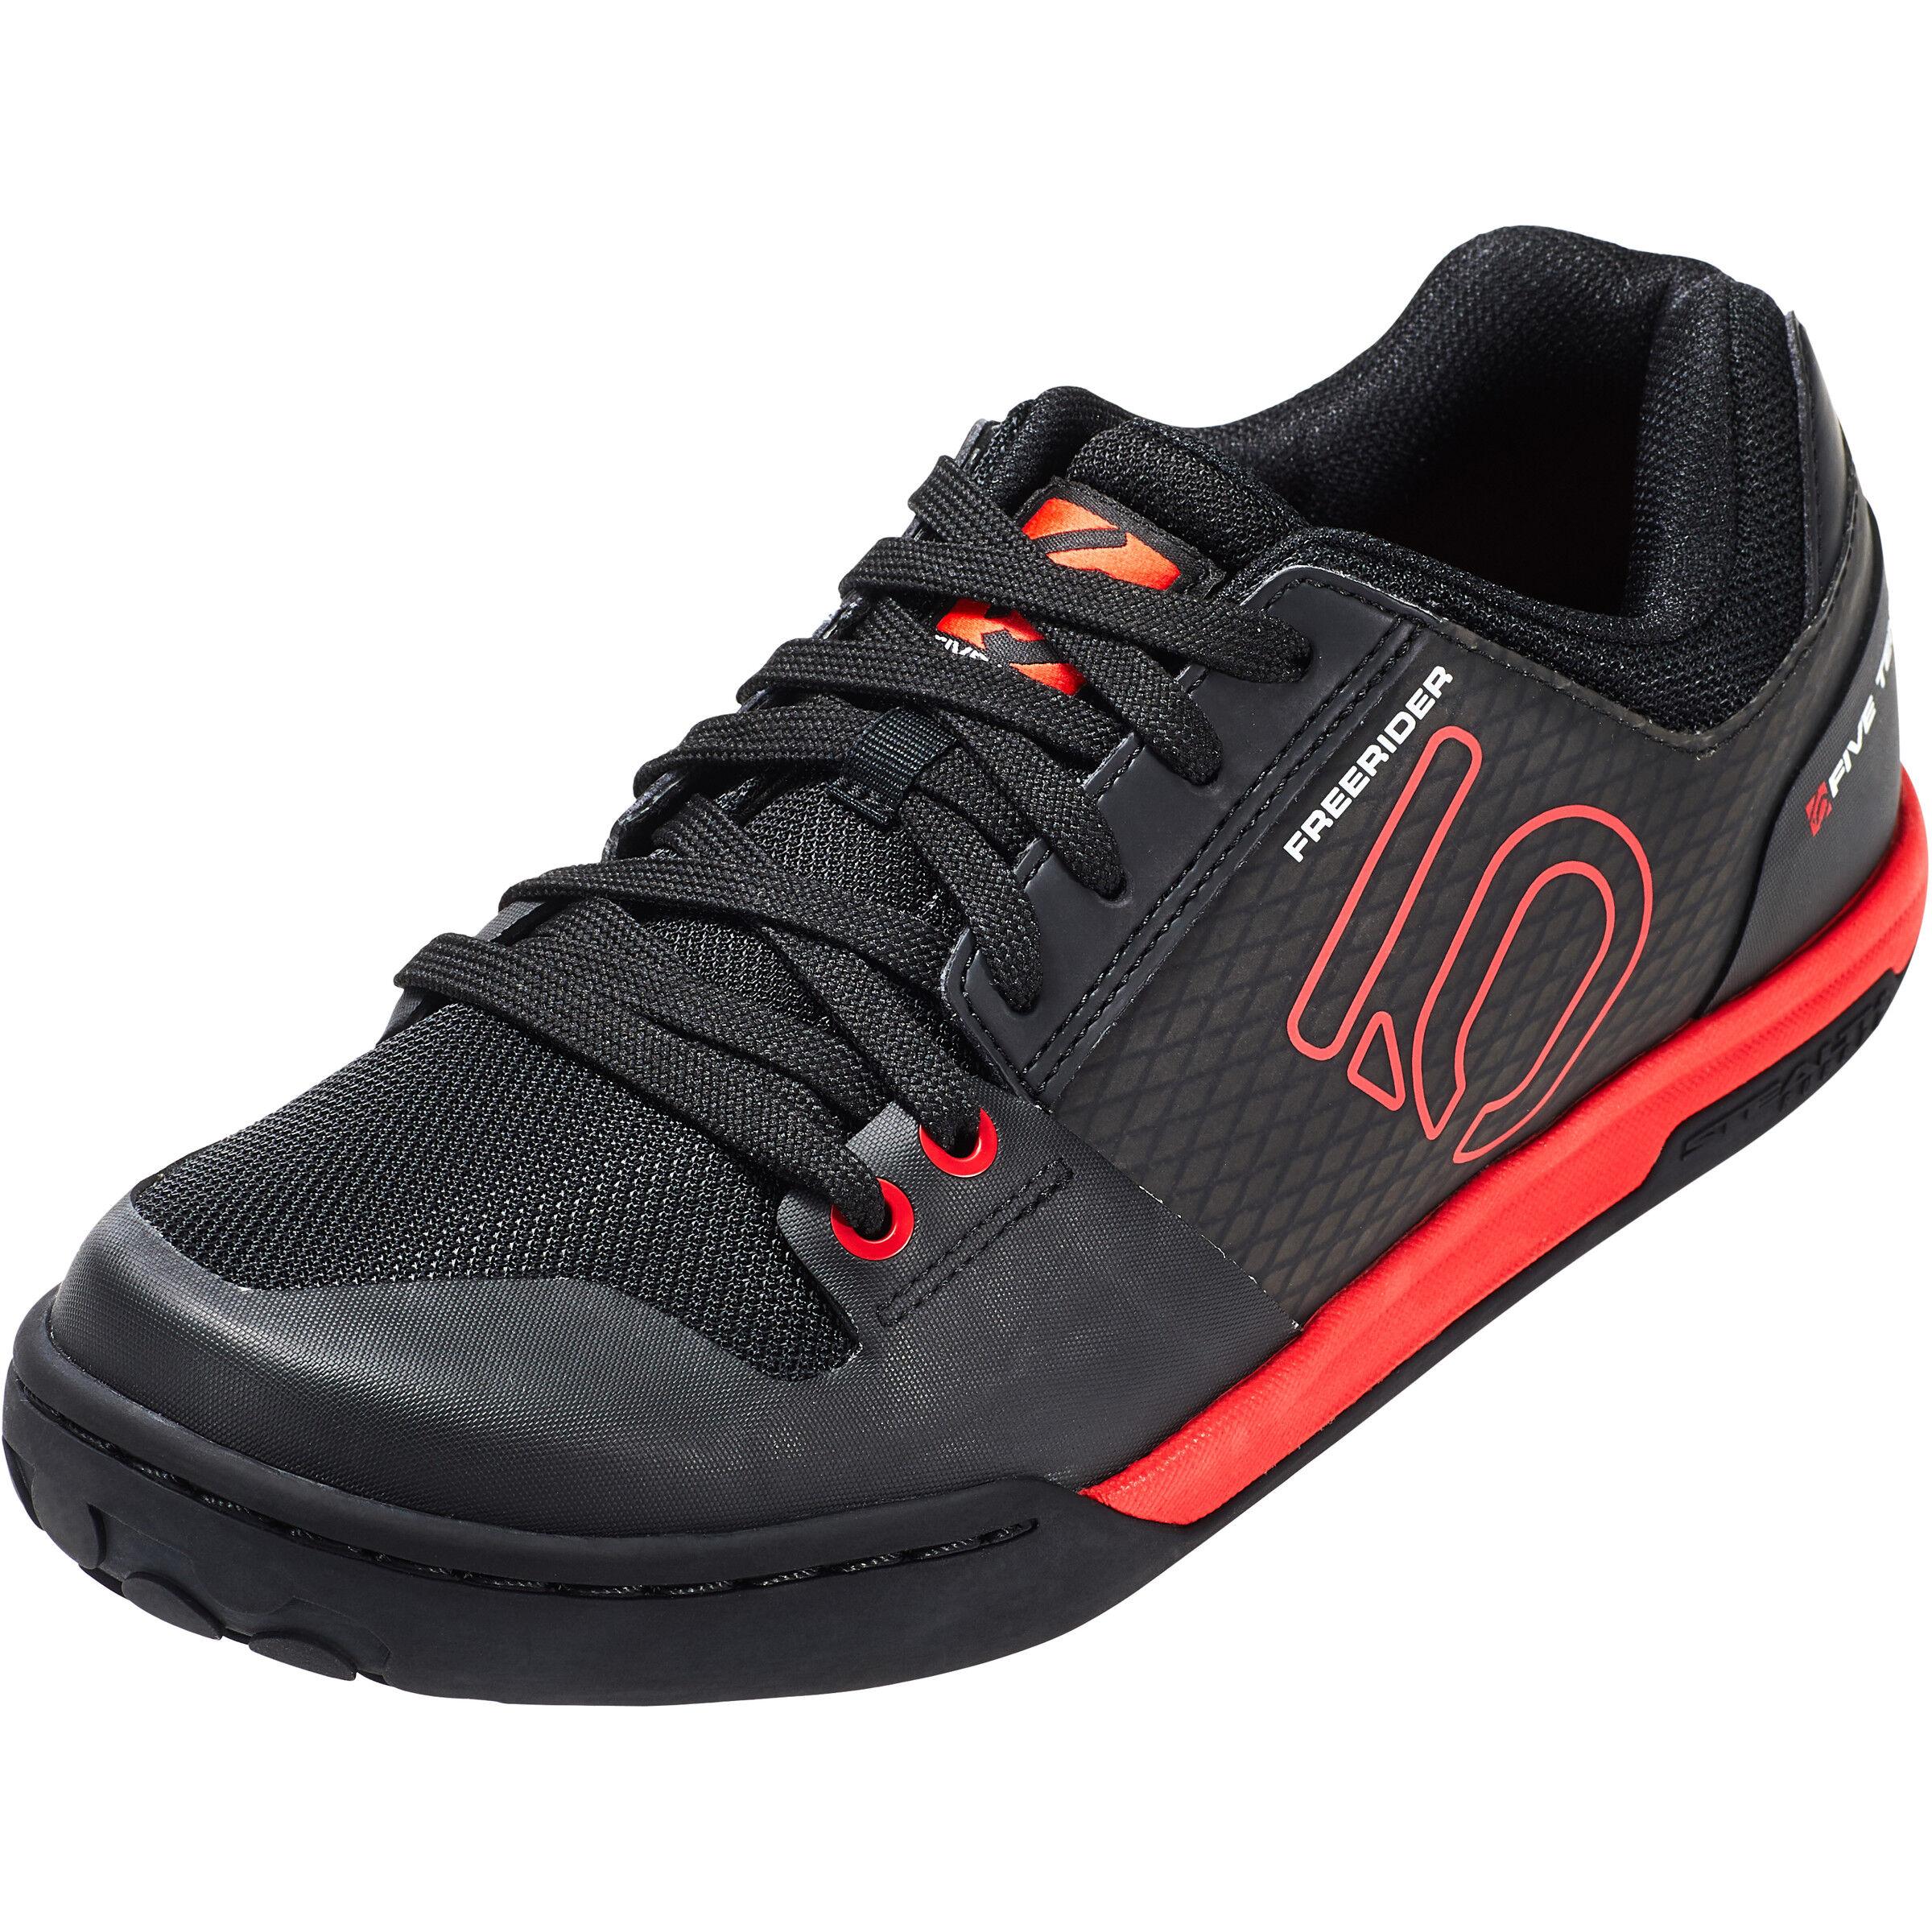 adidas Five Ten Danny MacAskill Shoes Herren scarlet